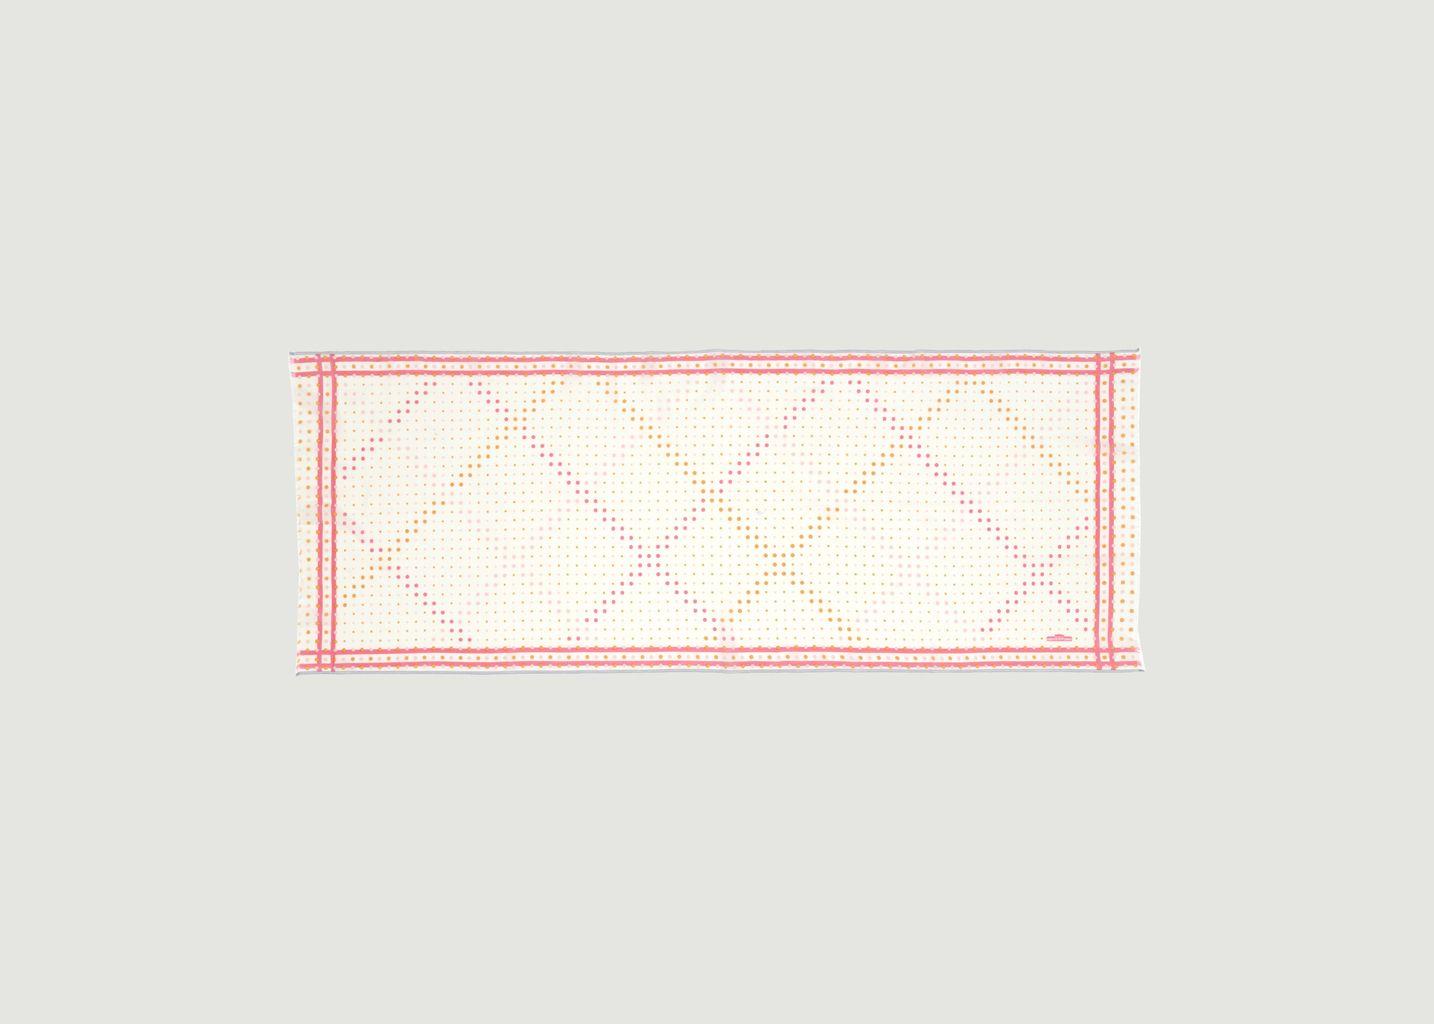 Foulard n°501 - Moismont